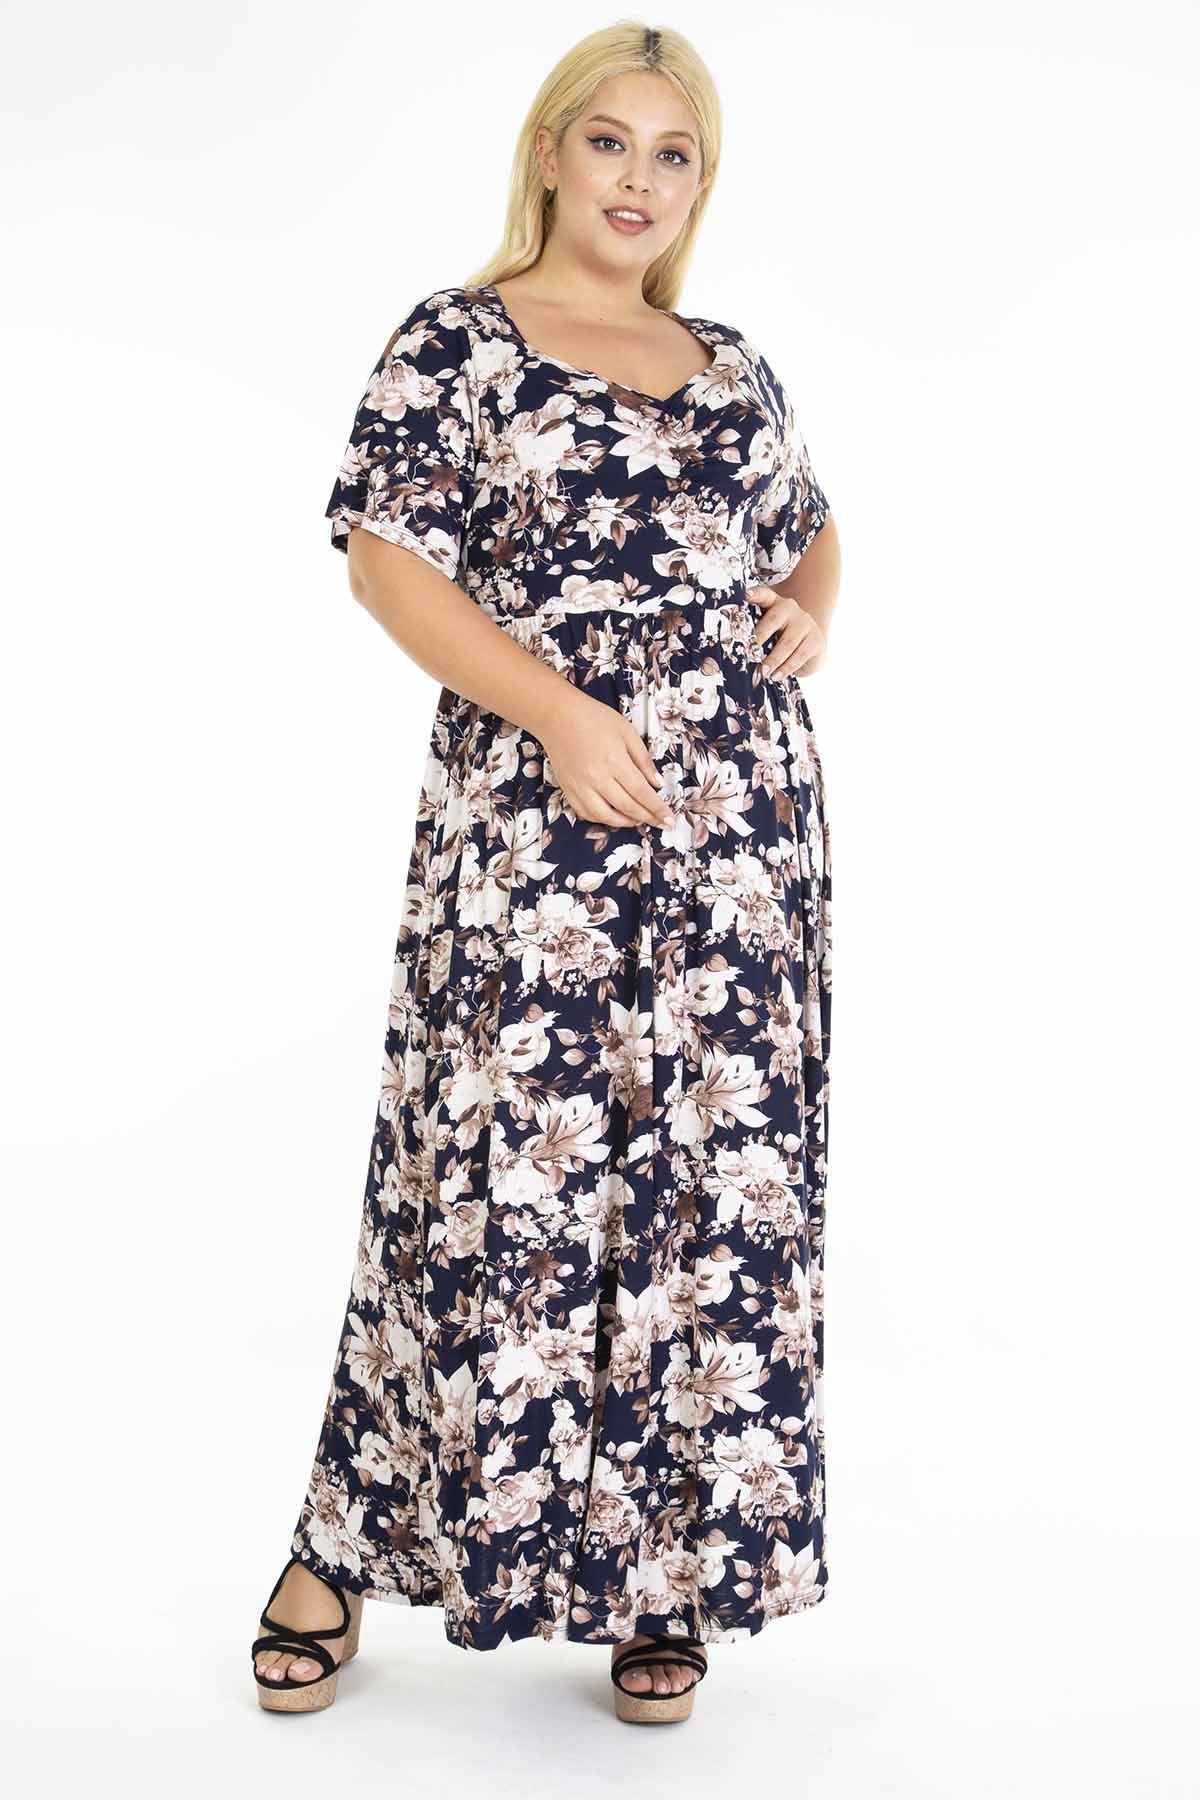 Çiçek Desenli Uzun Büyük Beden Elbise 31D-1217